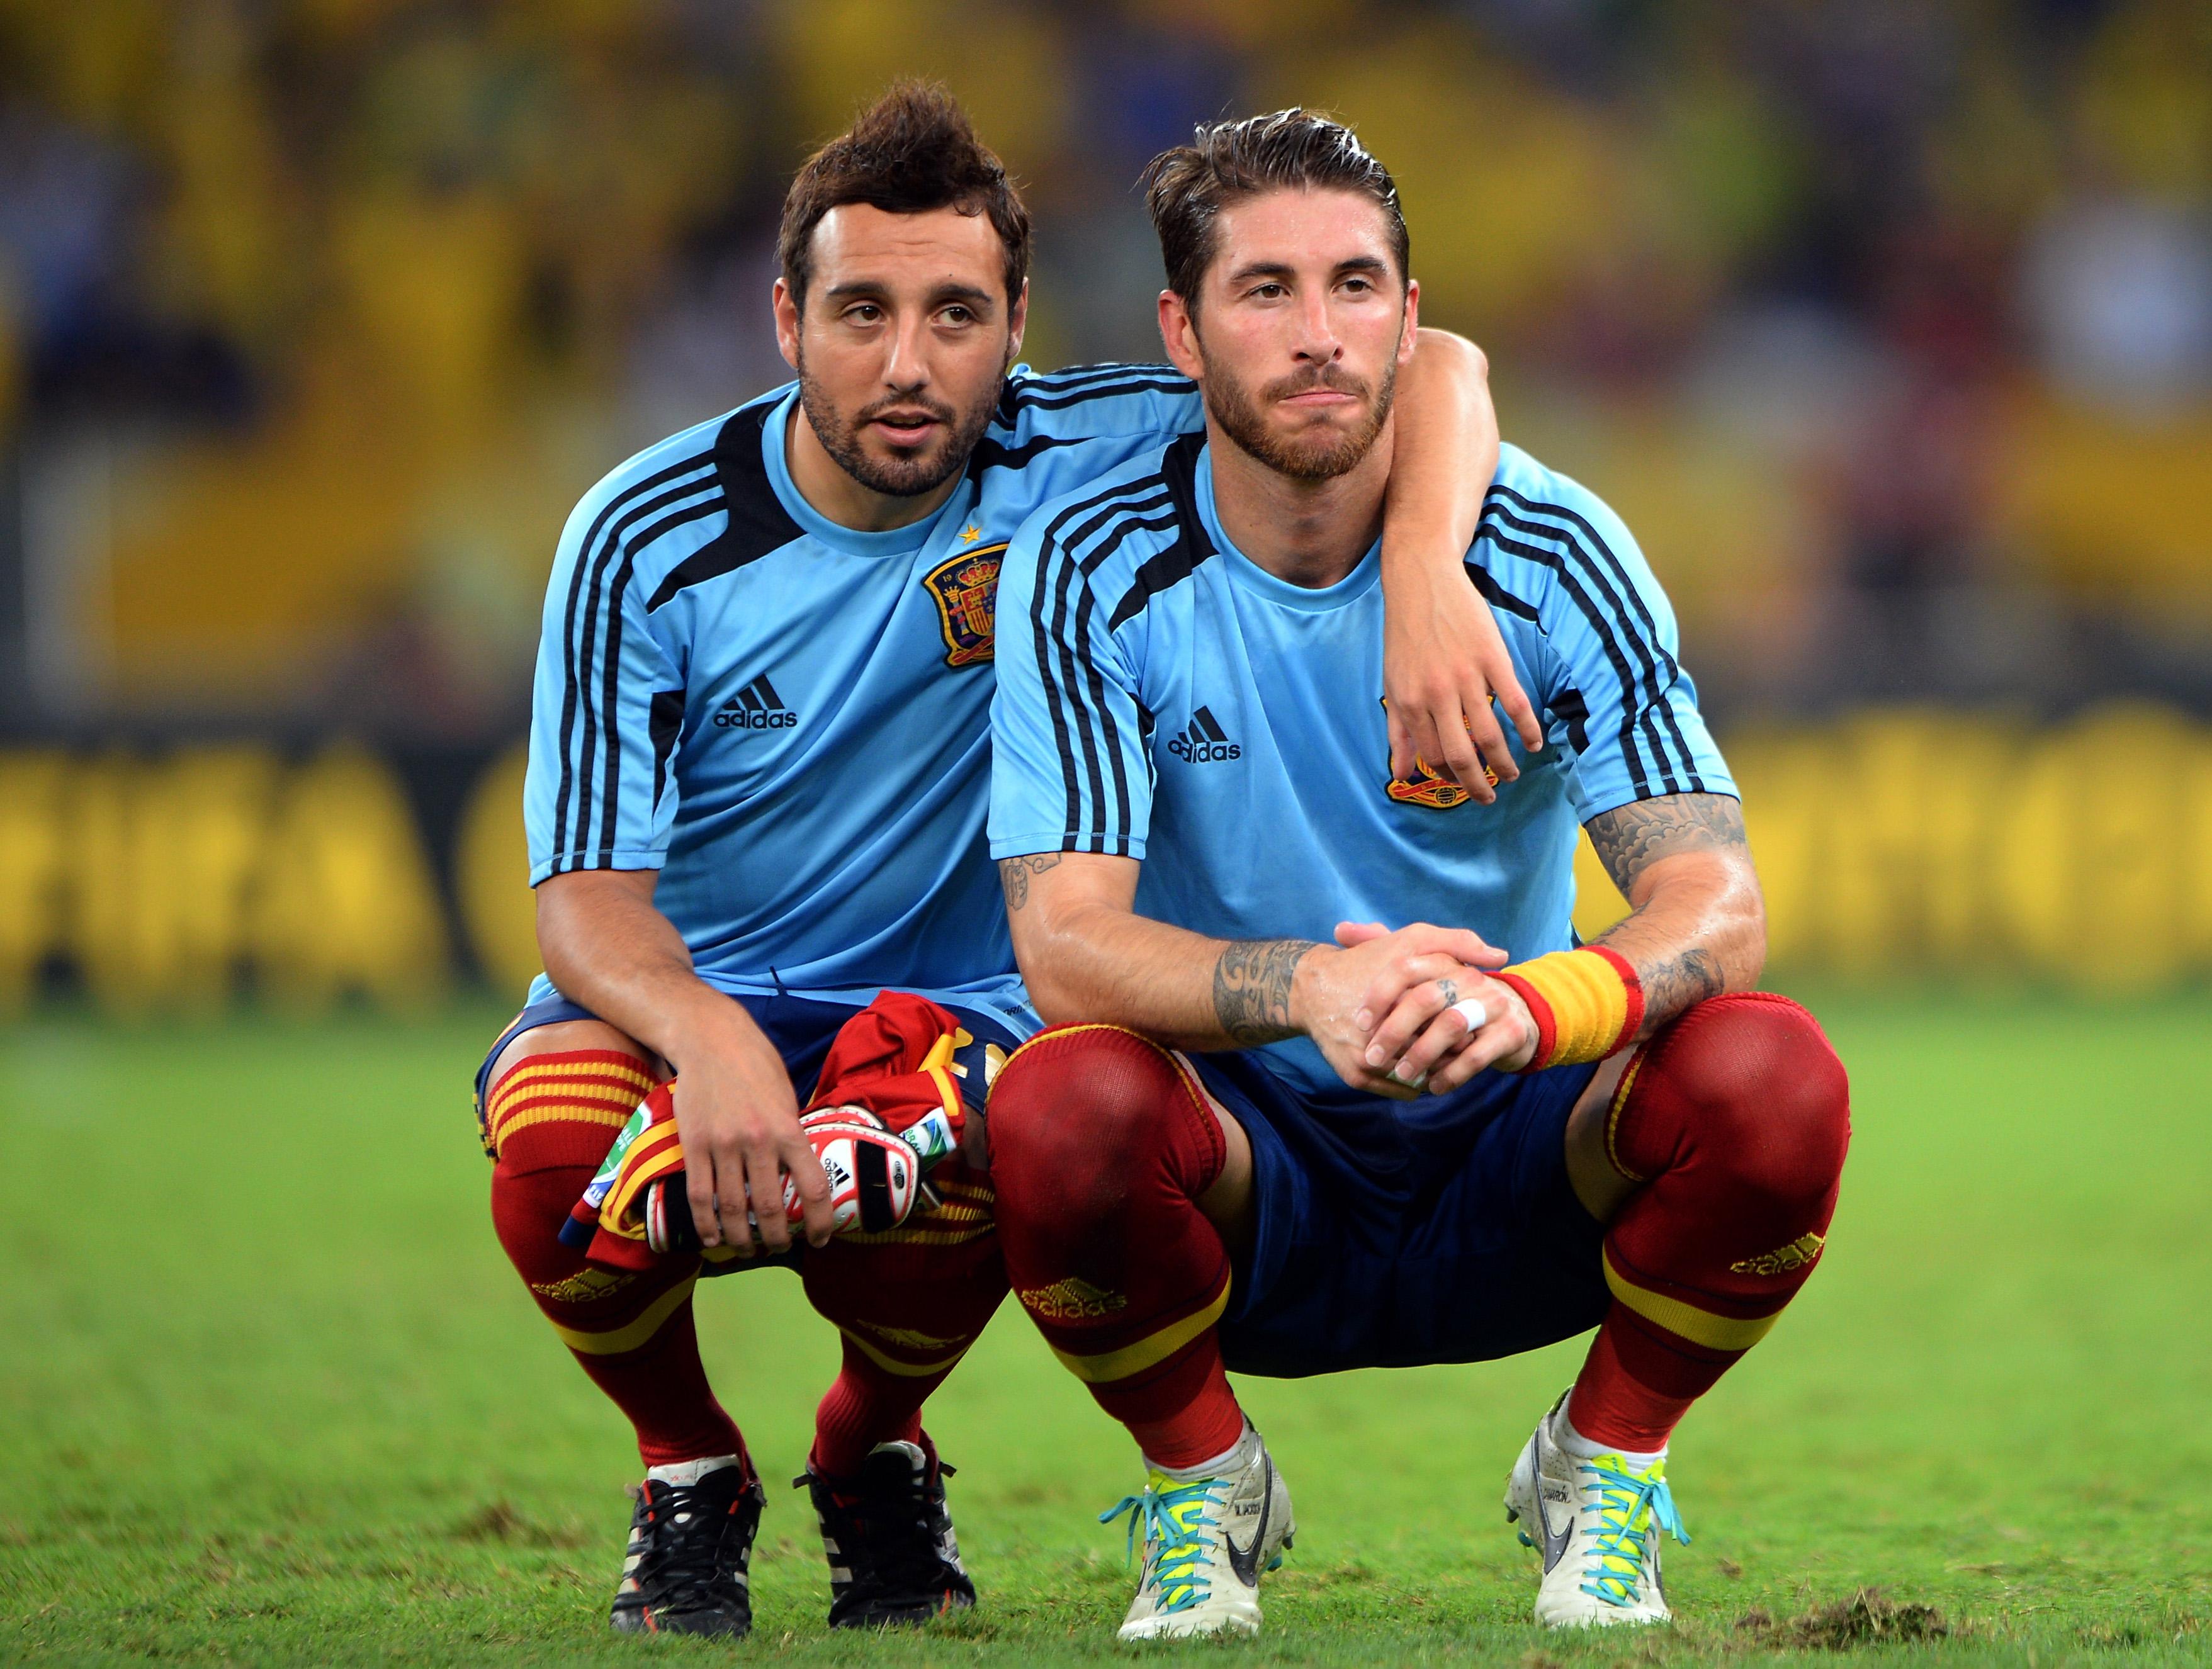 Sergio Ramos and Alberto Moreno show support for Arsenal star Santi Cazorla